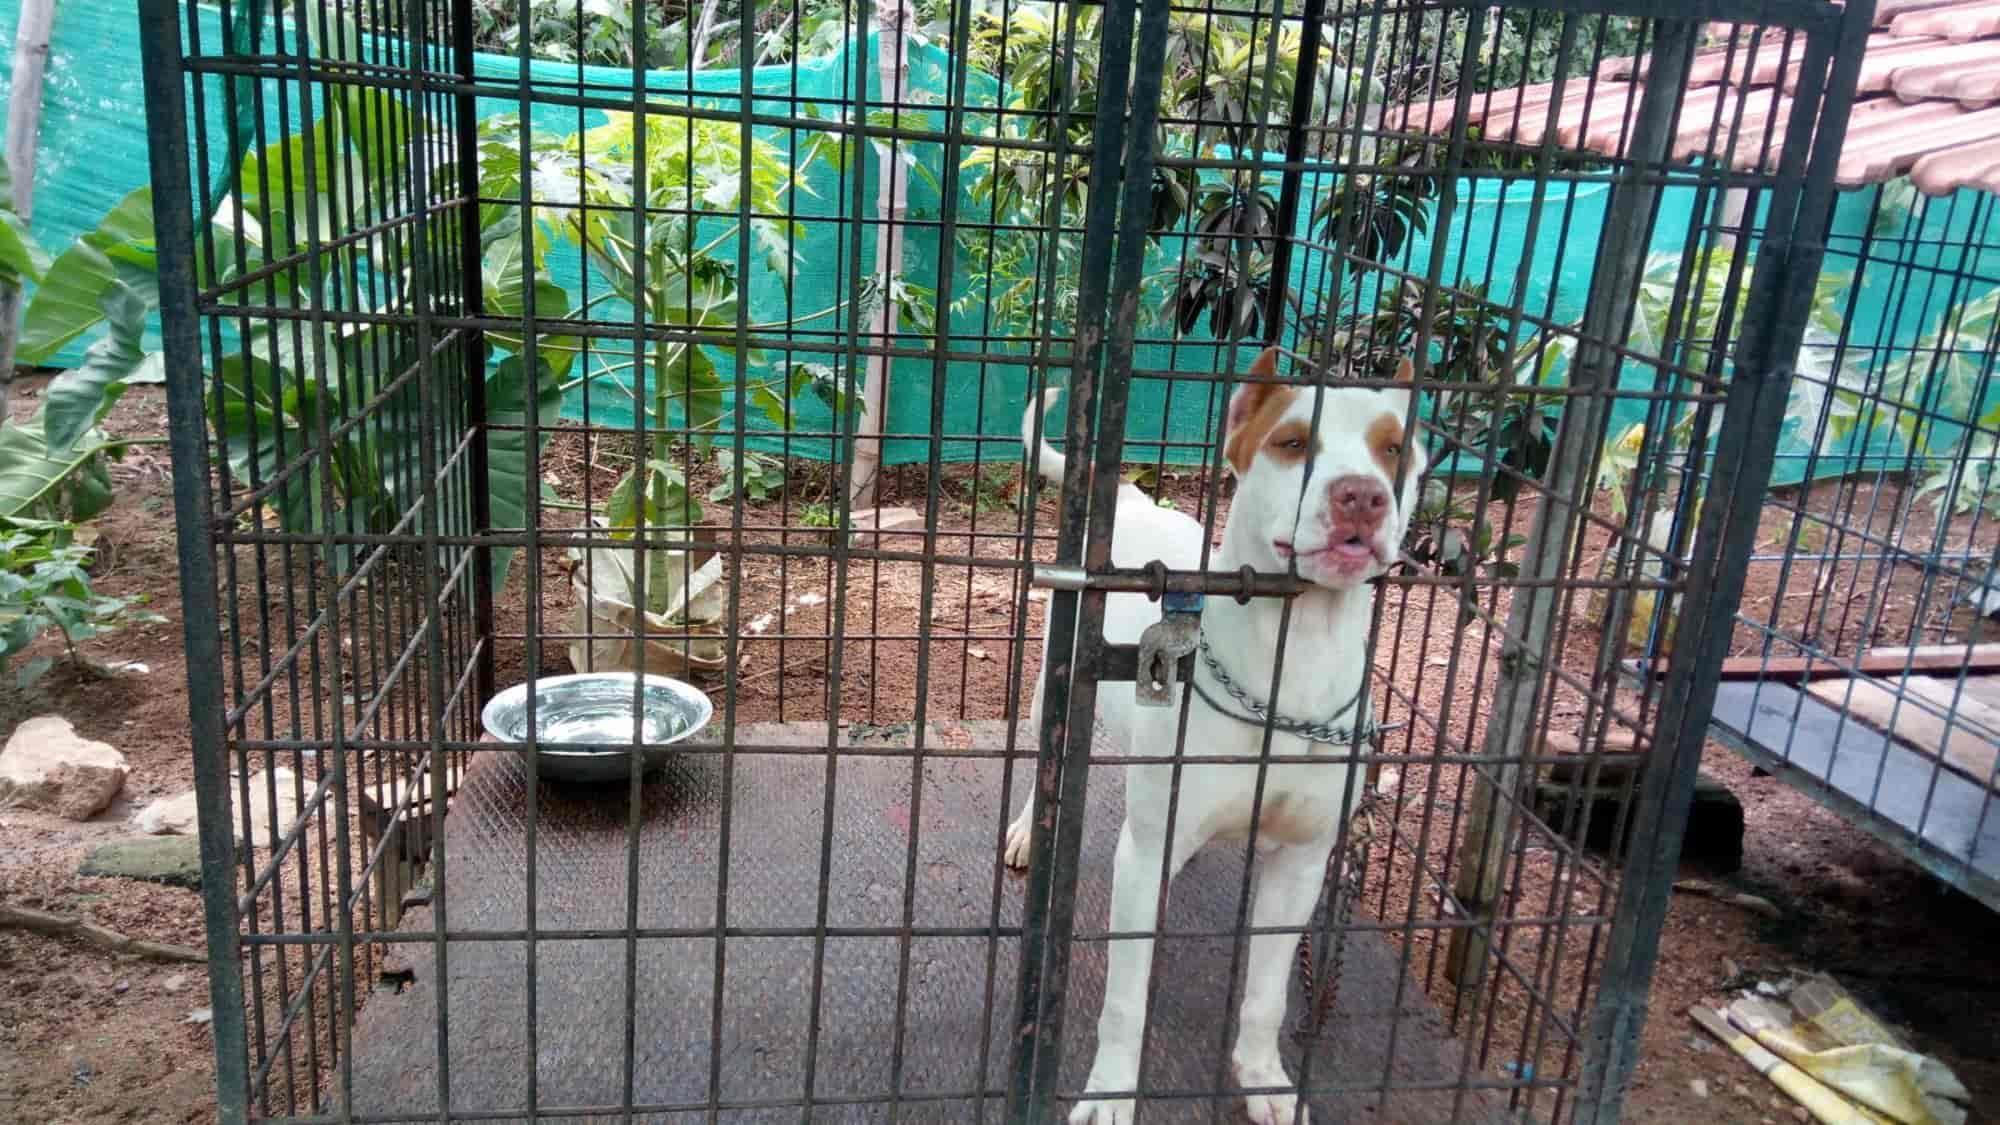 Coorg Pet Land, Kushalnagar - Pet Shops in Coorg - Justdial